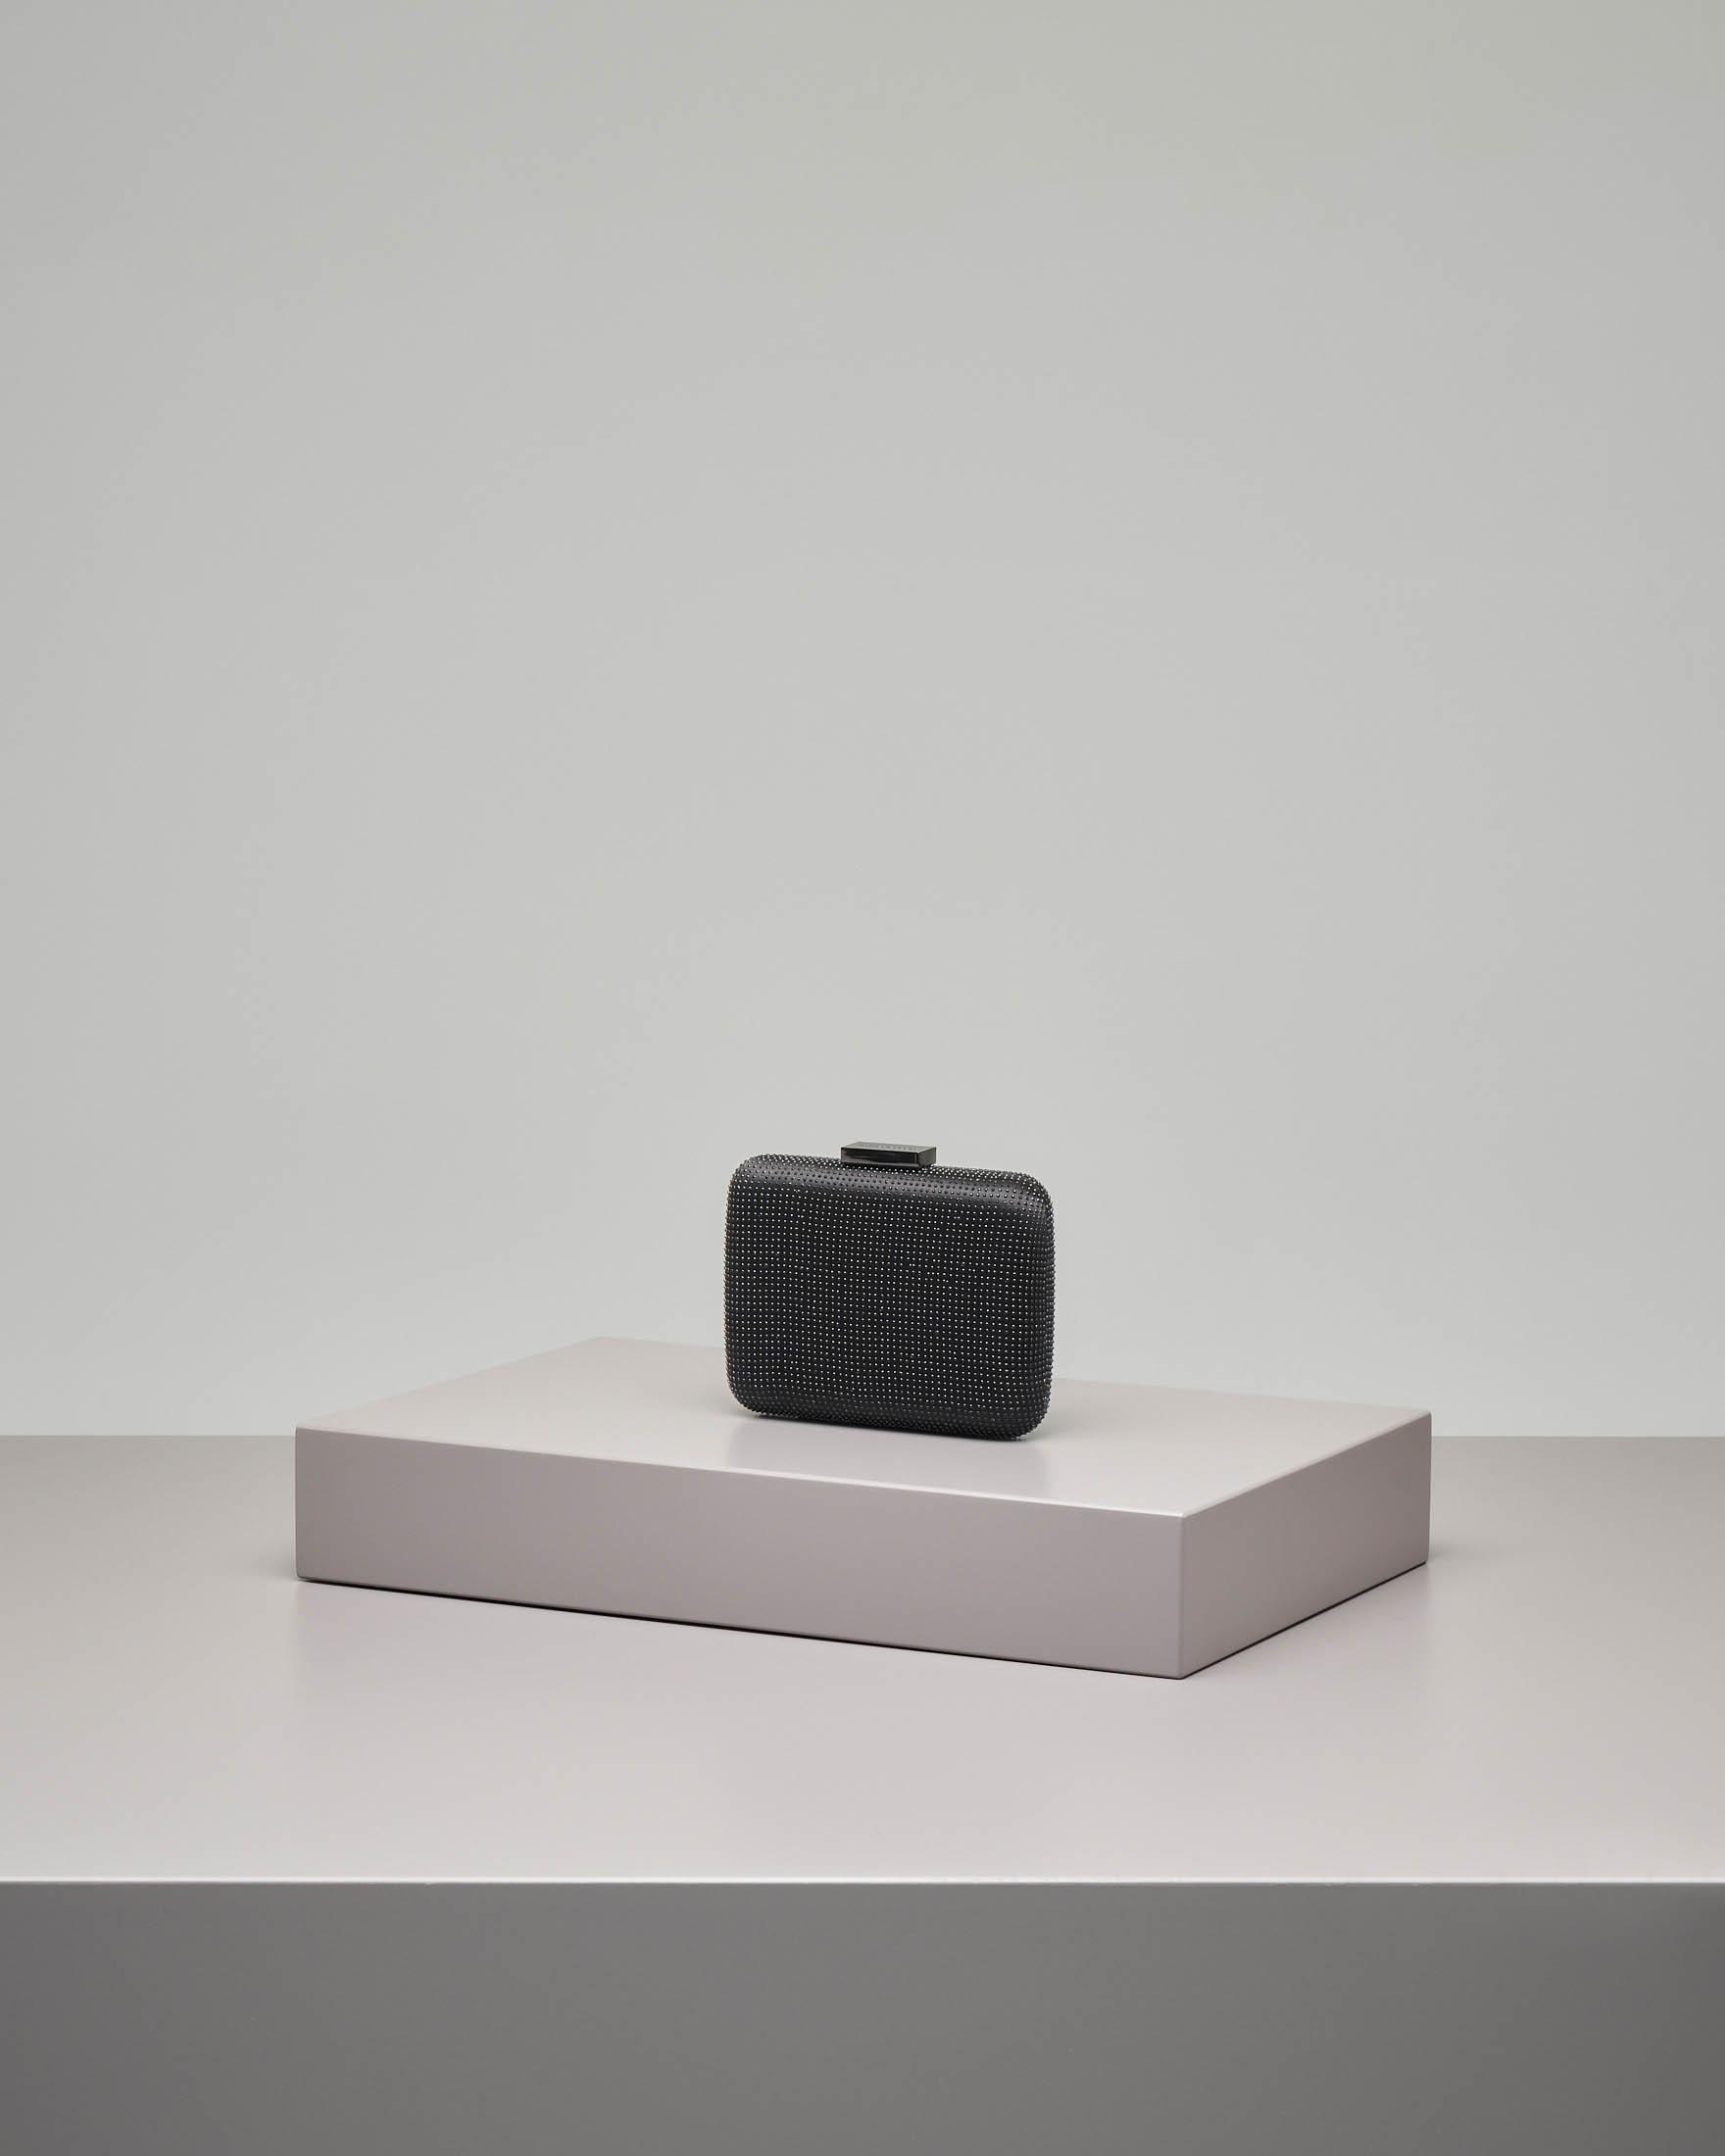 Pochette rigida quadrata nera in raso con microborchie applicate tono su tono